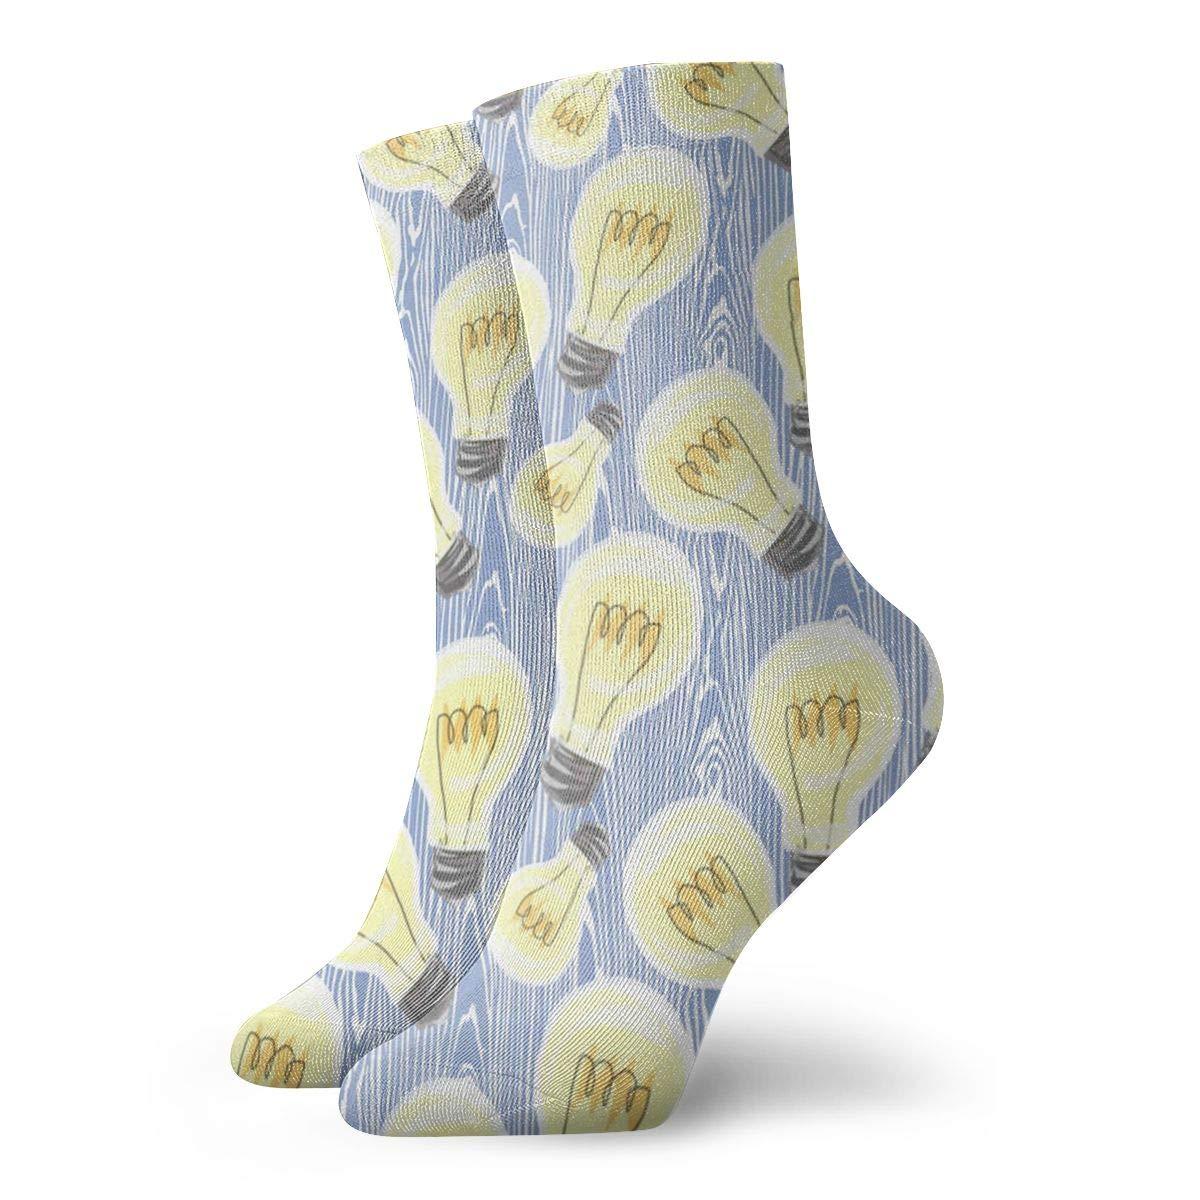 Sports TAOMAP90 Yellow Light Bulb Pattern Compression Ankle Socks for Women and Men Slipper Stance Socks Baseball Best for Travel